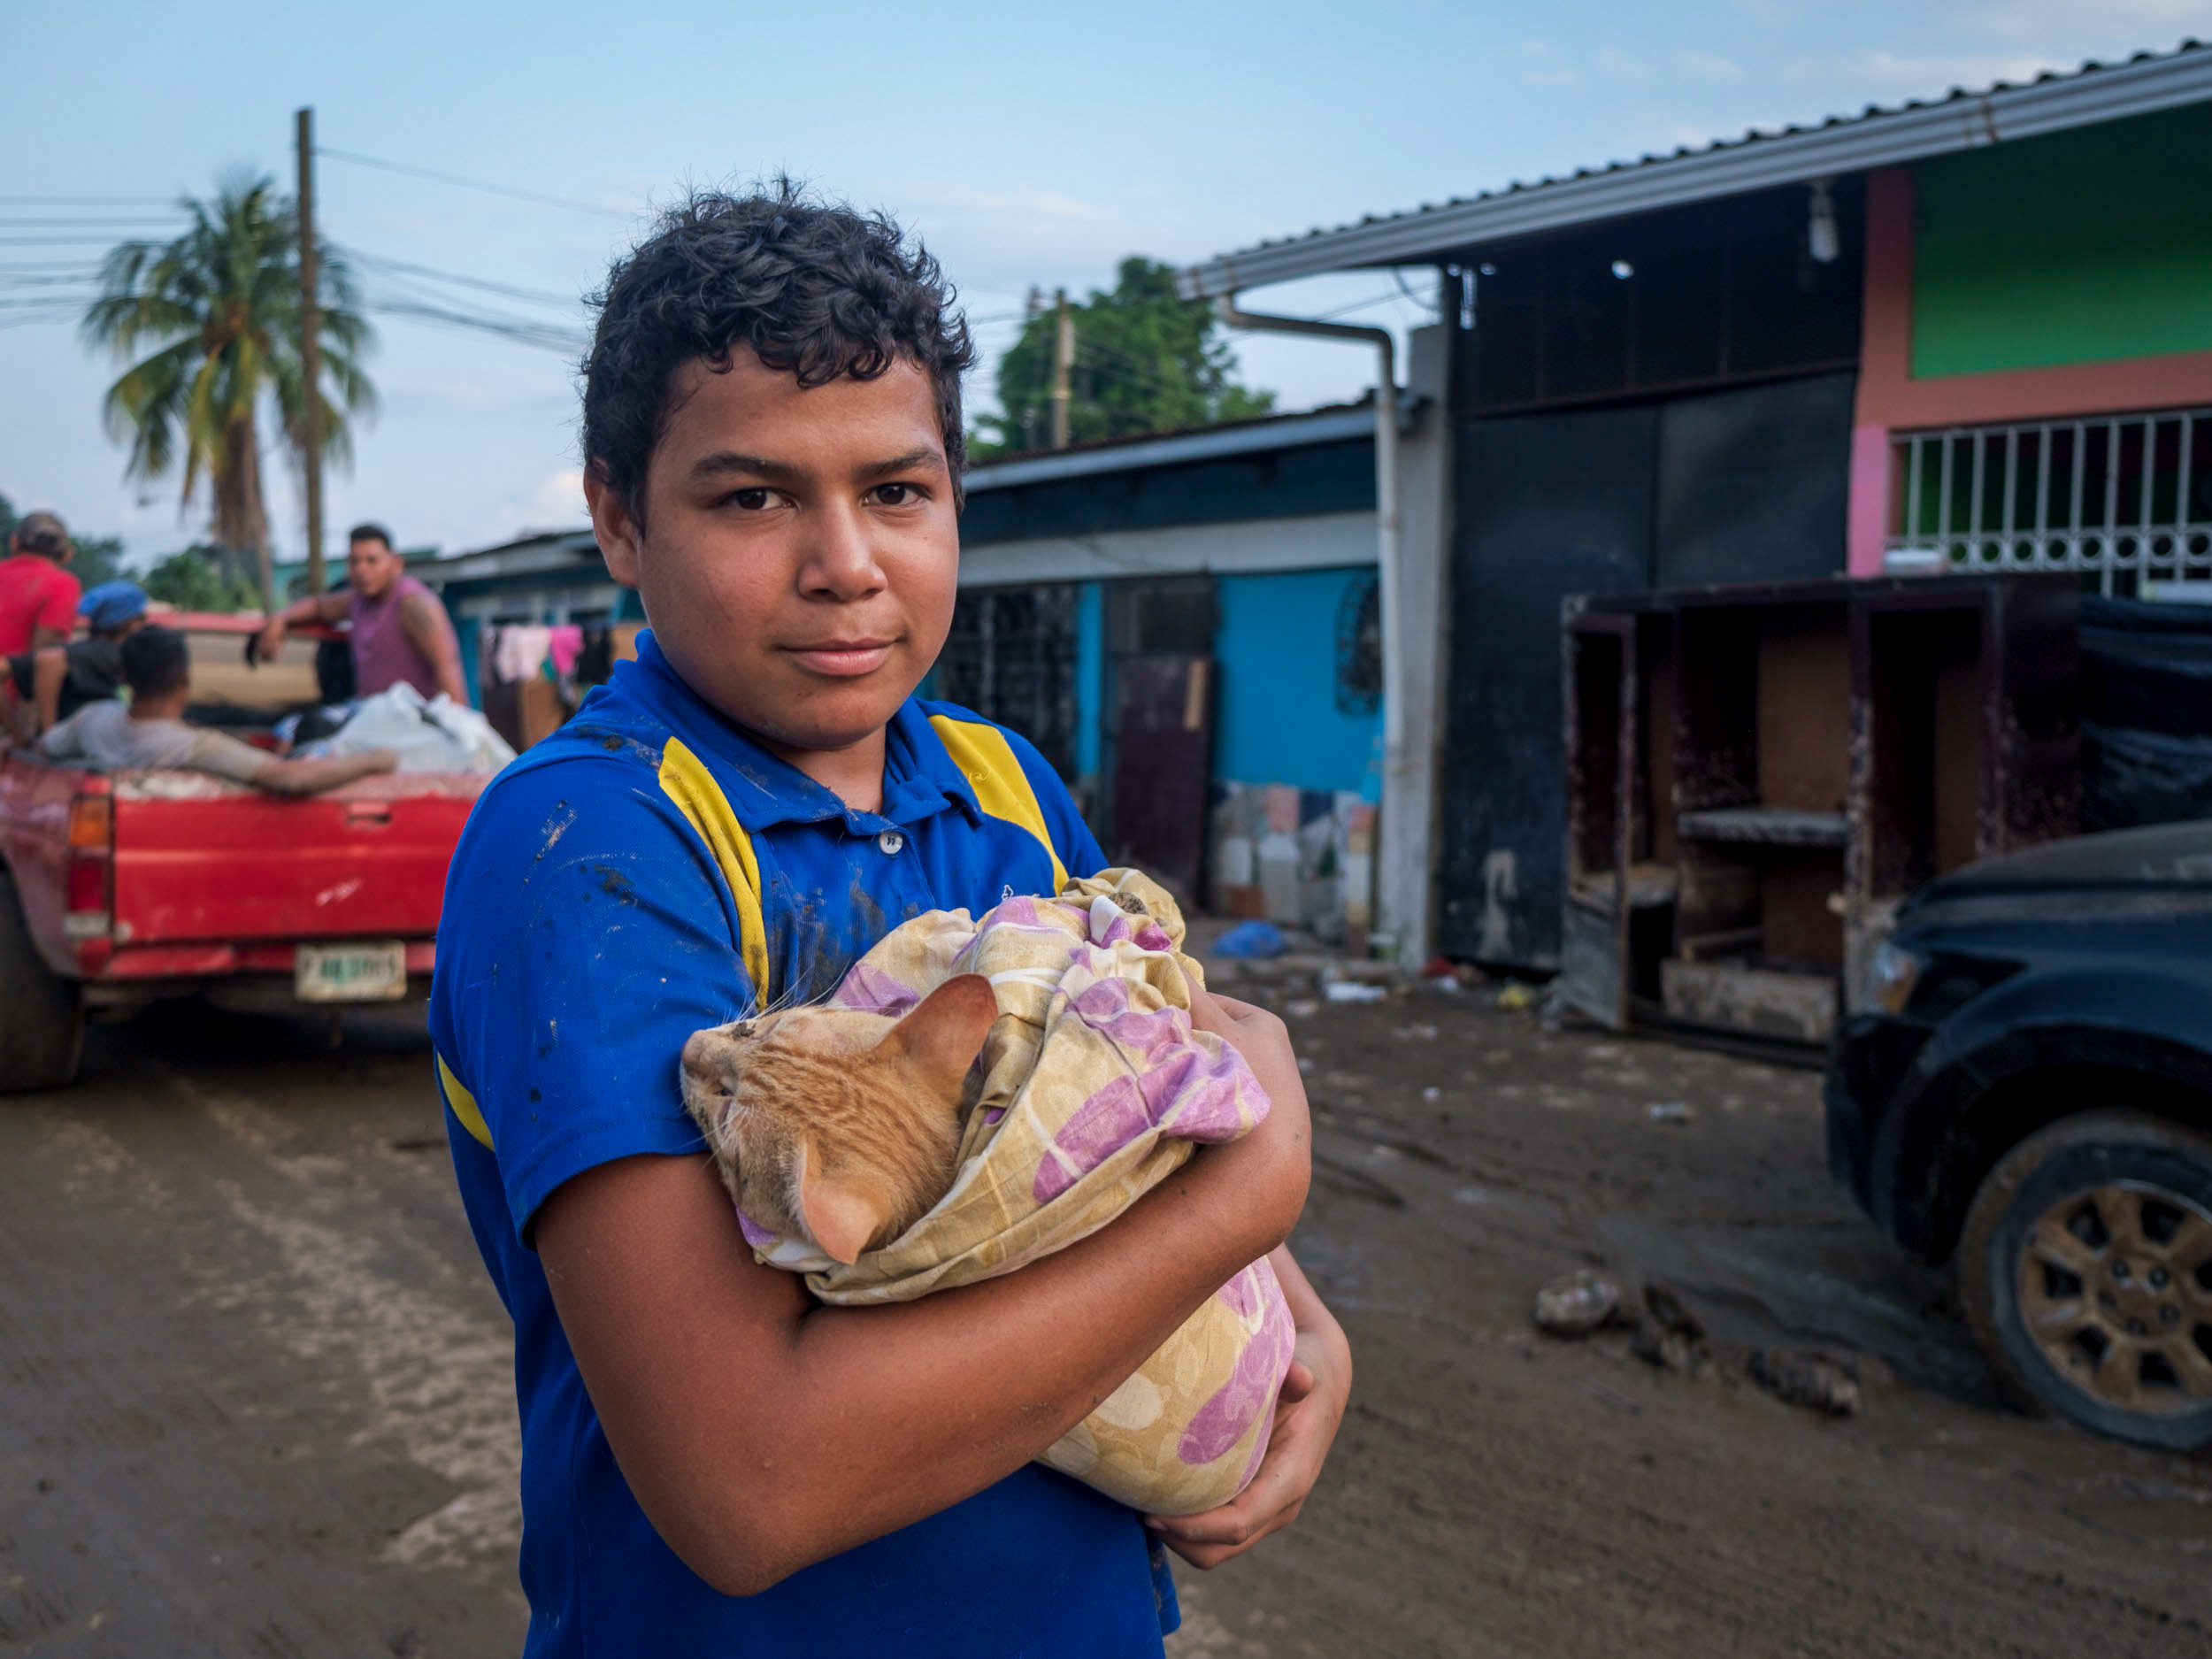 Luego de tres días de búsqueda, José logró rescatar a su gato Aurelio, que se había extraviado durante las inundaciones en la colonia Sabillón Cruz del sector Chamelecón. San Pedro Sula, 10 de noviembre de 2020. Foto: Deiby Yanes.